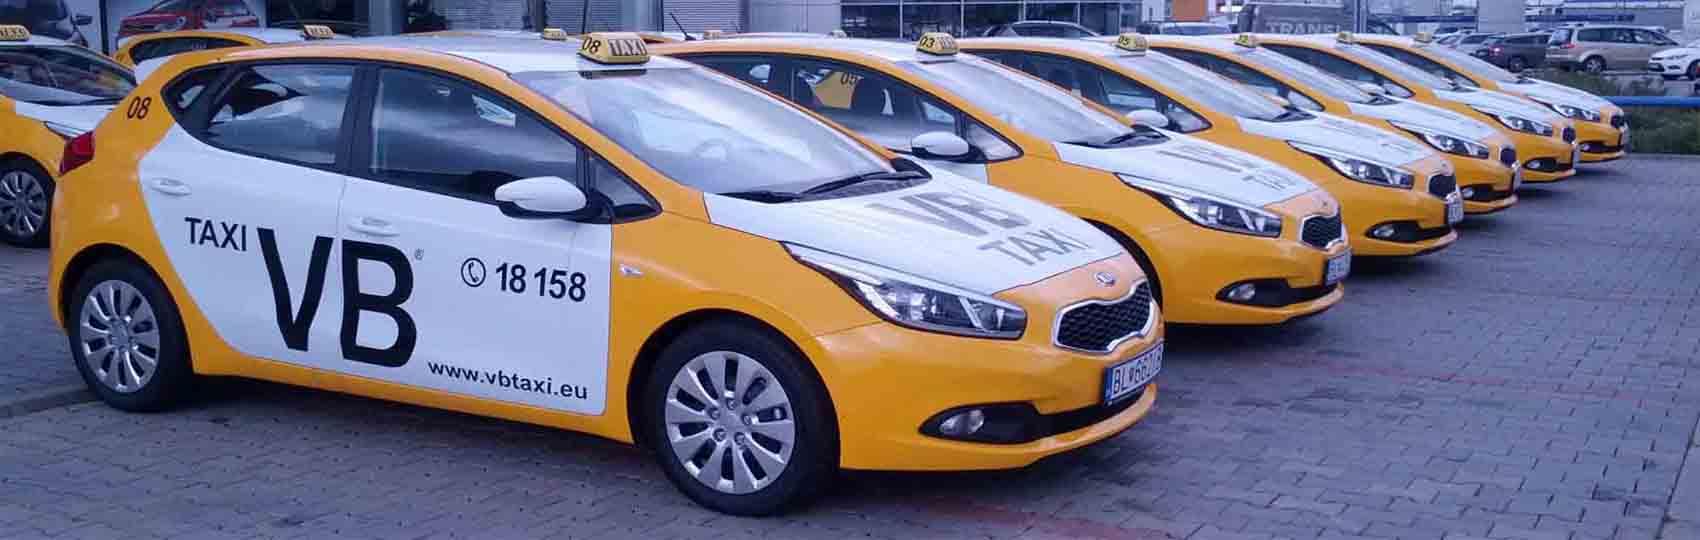 Noticias del sector del taxi y la movilidad en Eslovaquia. Mantente informado de todas las noticias del taxi de Eslovaquia en el grupo de Facebook de Todo Taxi.